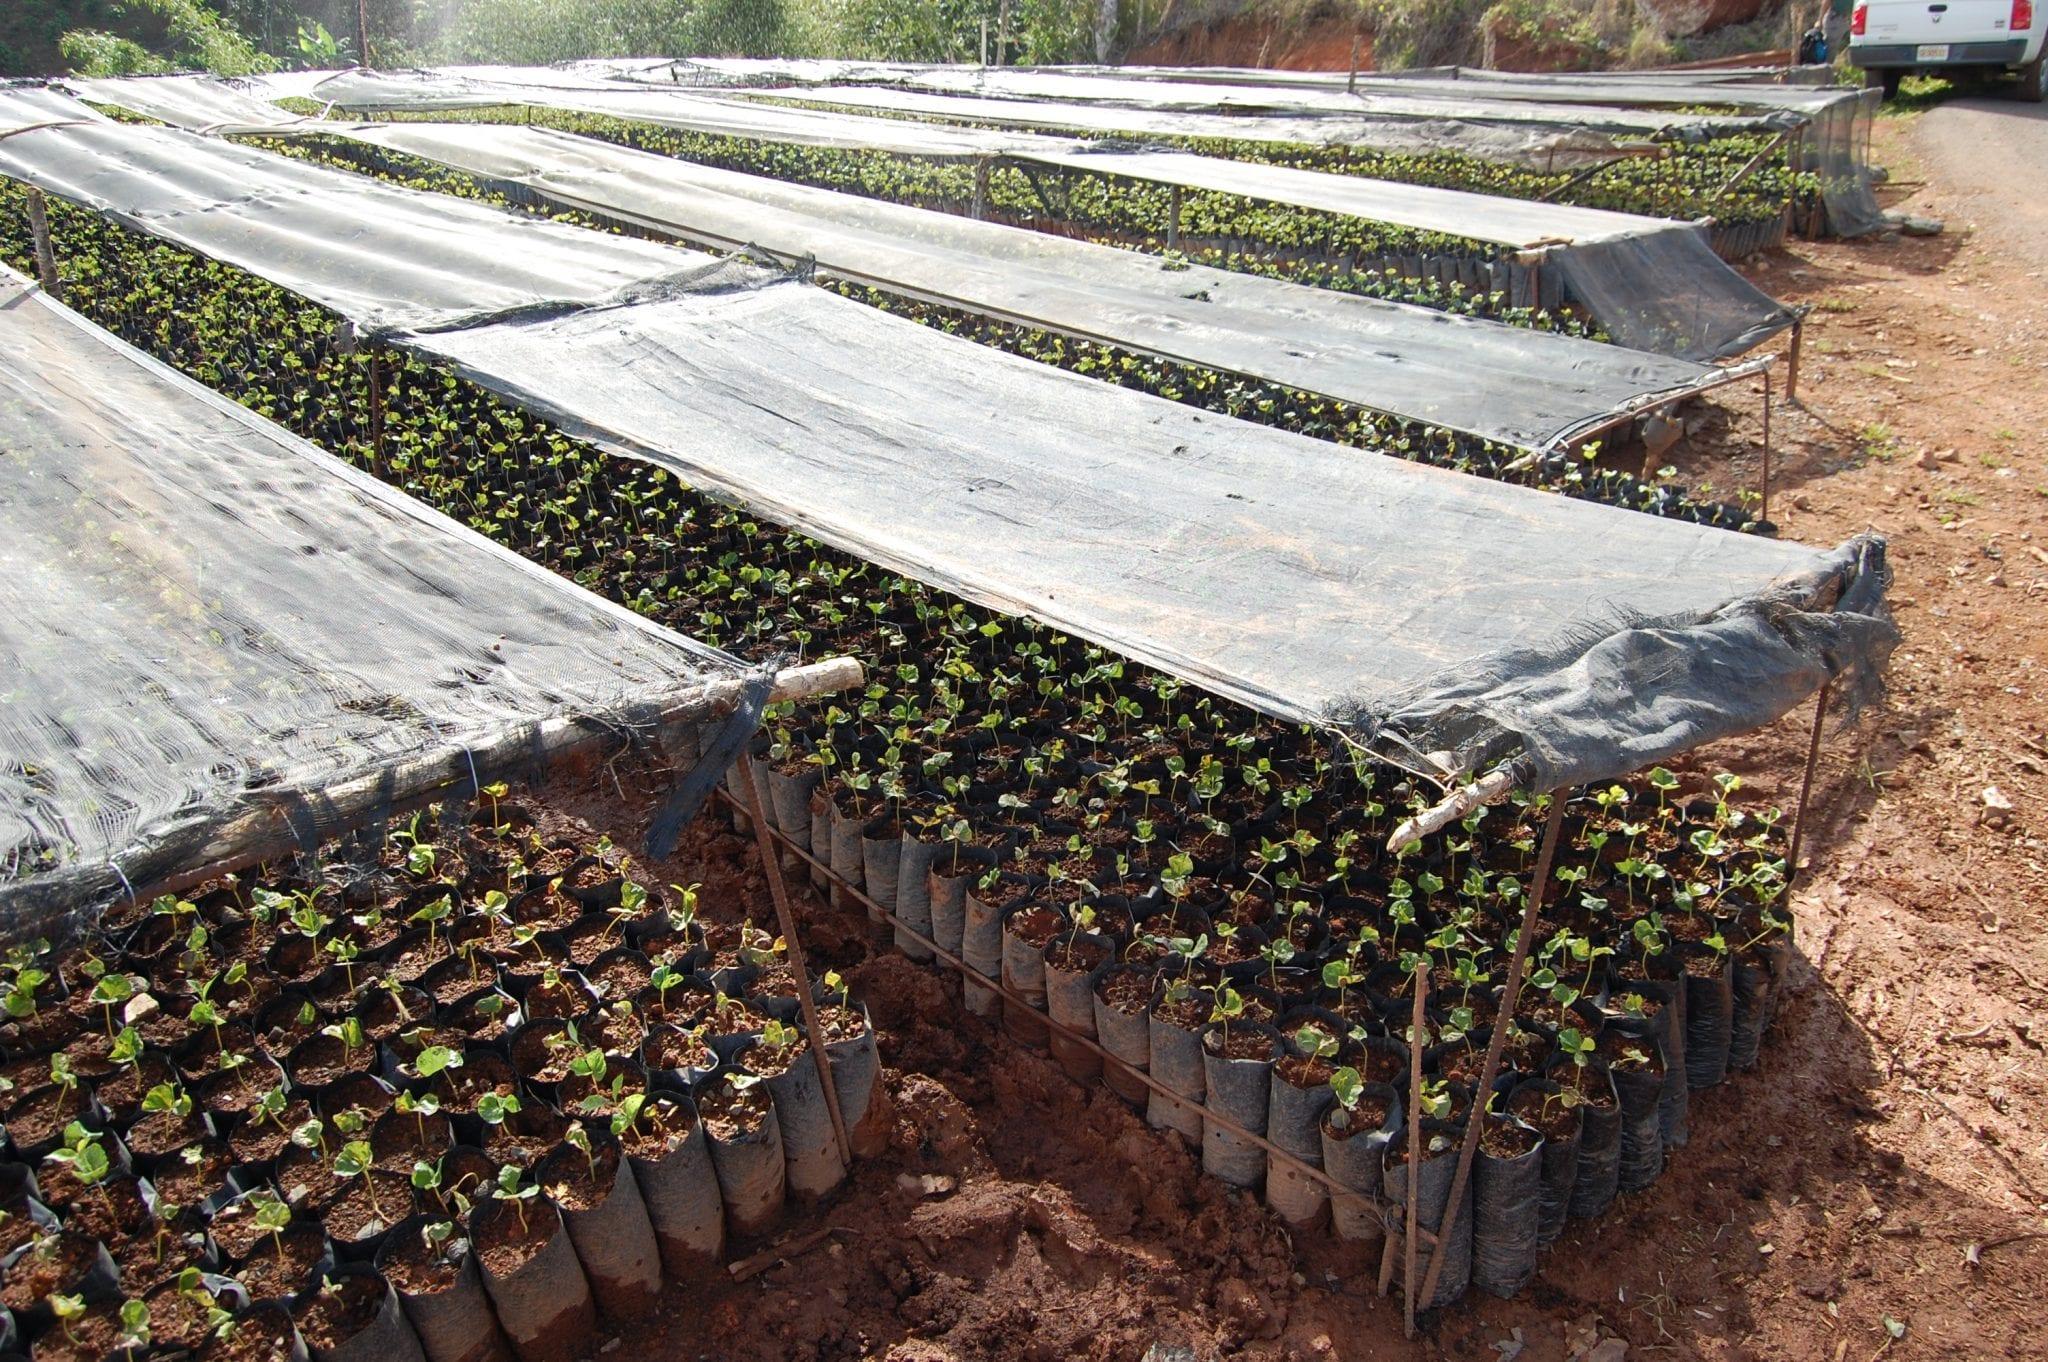 Coffee seedlings growing